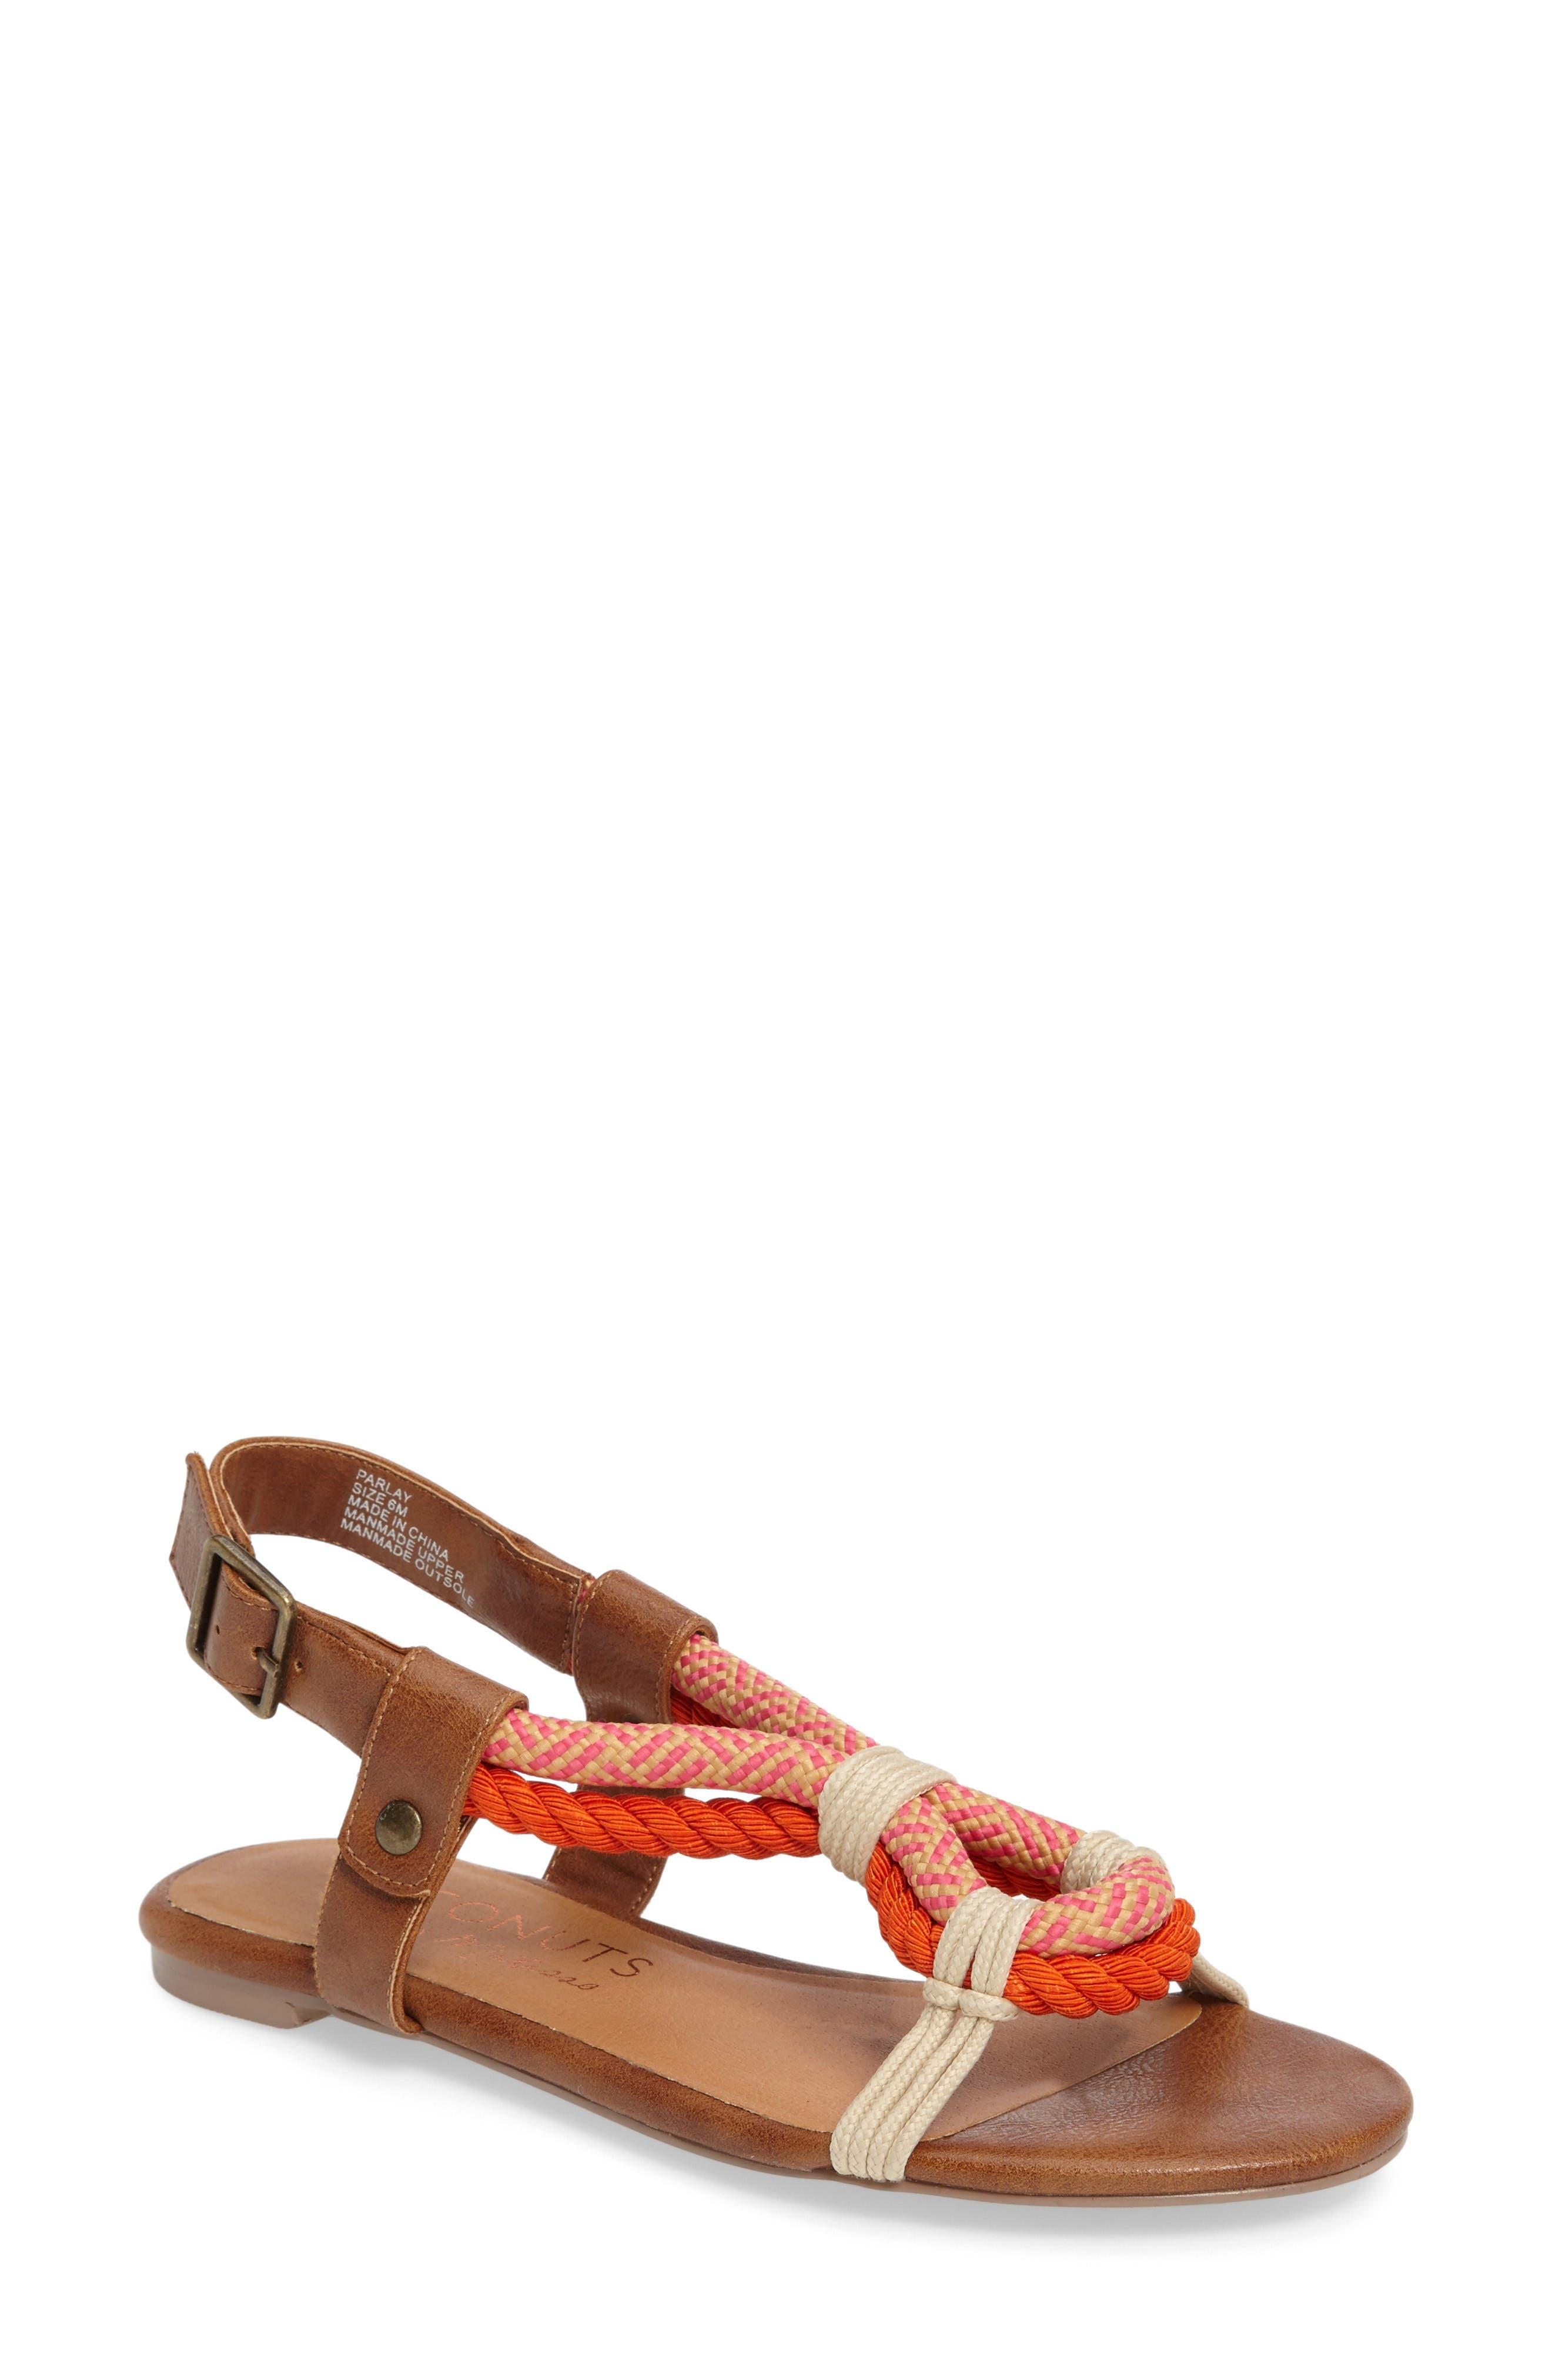 Matisse Parlay Sandal,                         Main,                         color, Tan Fabric